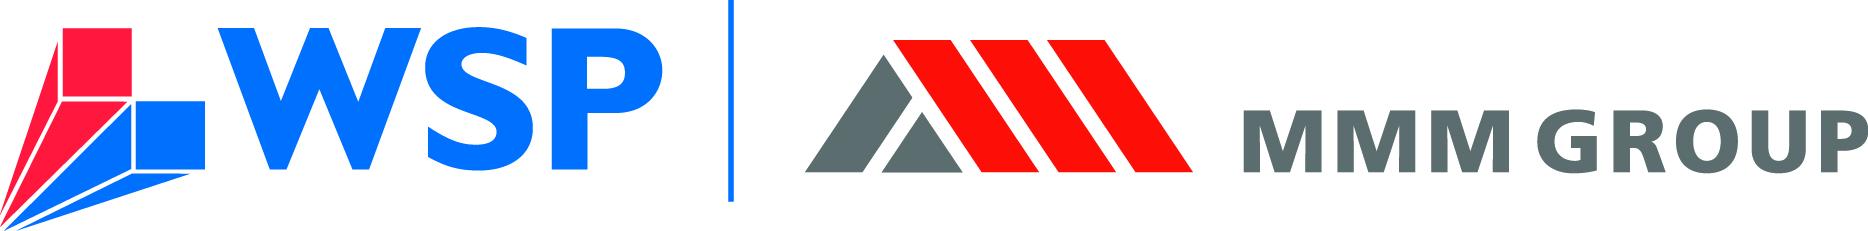 WSP MMM Logo Colour CMYK jpg